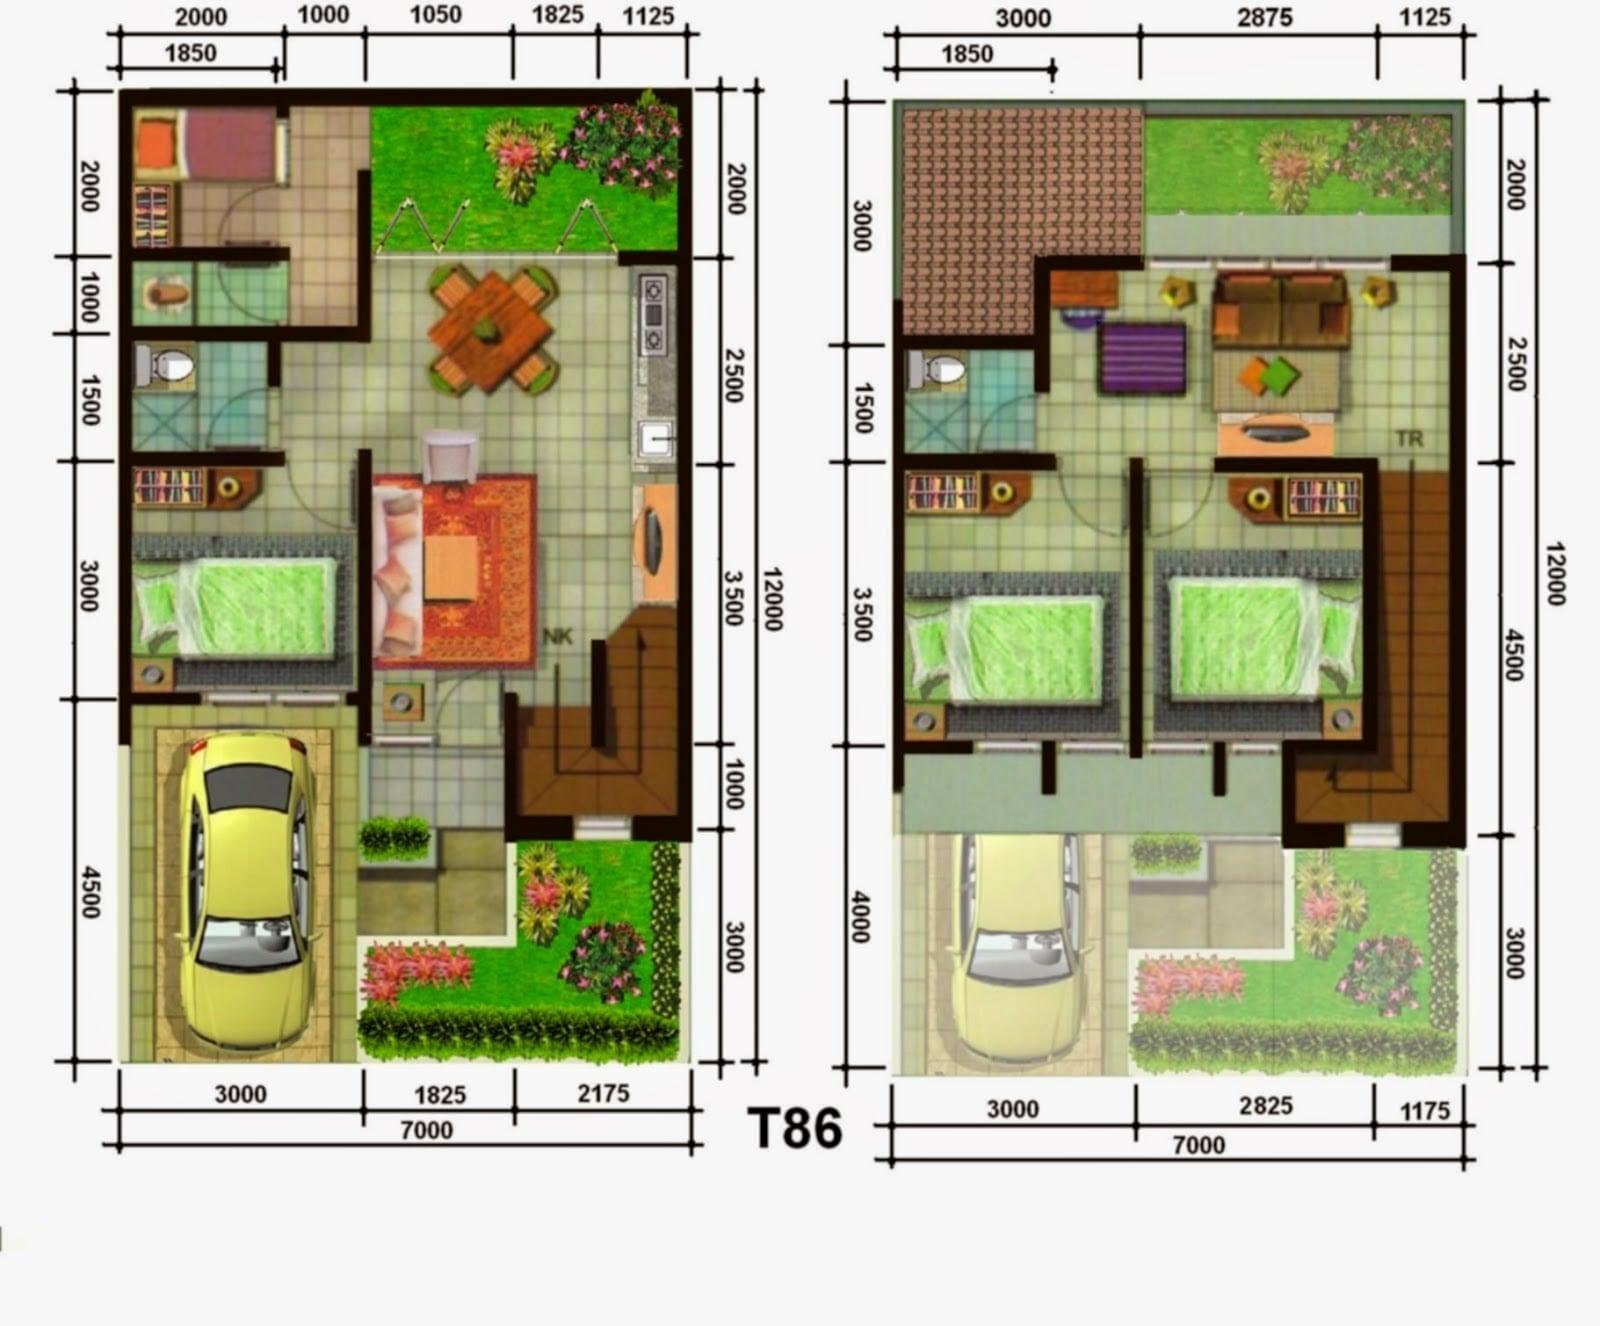 Unik 21 Gambar Rumah Minimalis Ukuran 7x12 99 Renovasi Dekorasi Rumah Untuk Gaya Desain Interior oleh 21 Gambar Rumah Minimalis Ukuran 7x12